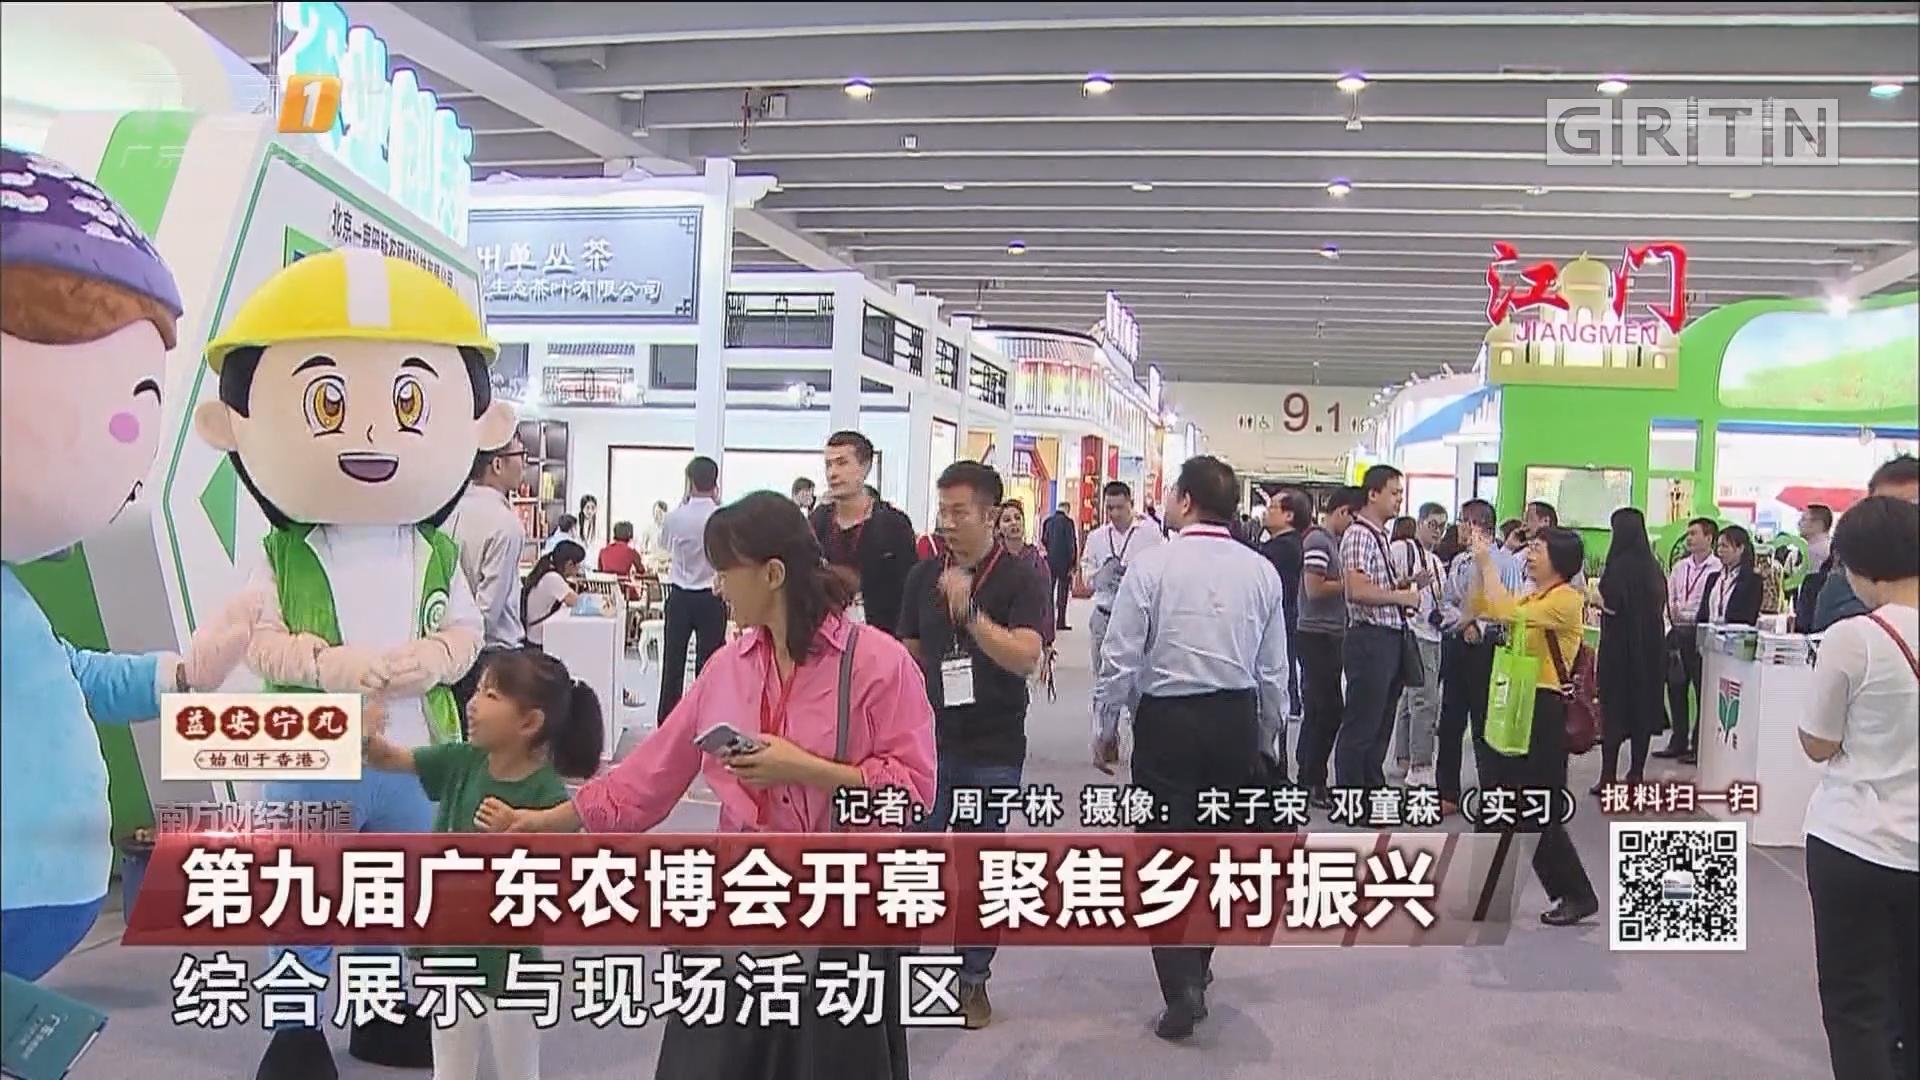 第九届广东农博会开幕 聚焦乡村振兴